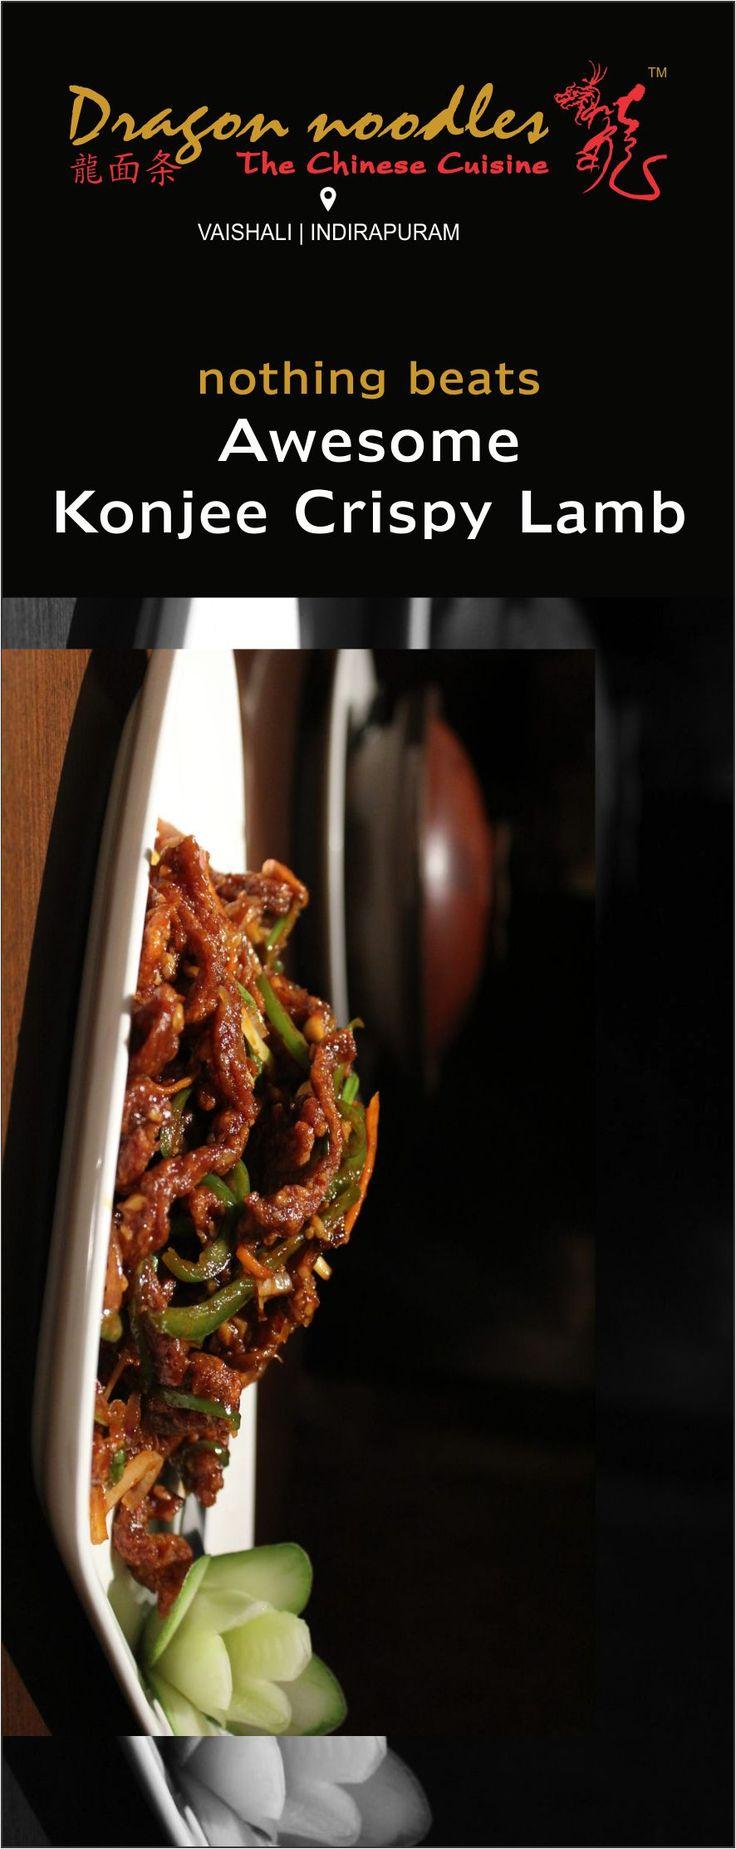 Lamb lovers? You shouldn't miss it! #KonjeeCrispyLamb #DragonNoodles #Chinese #Food #foodies #vaishali #indirapuram